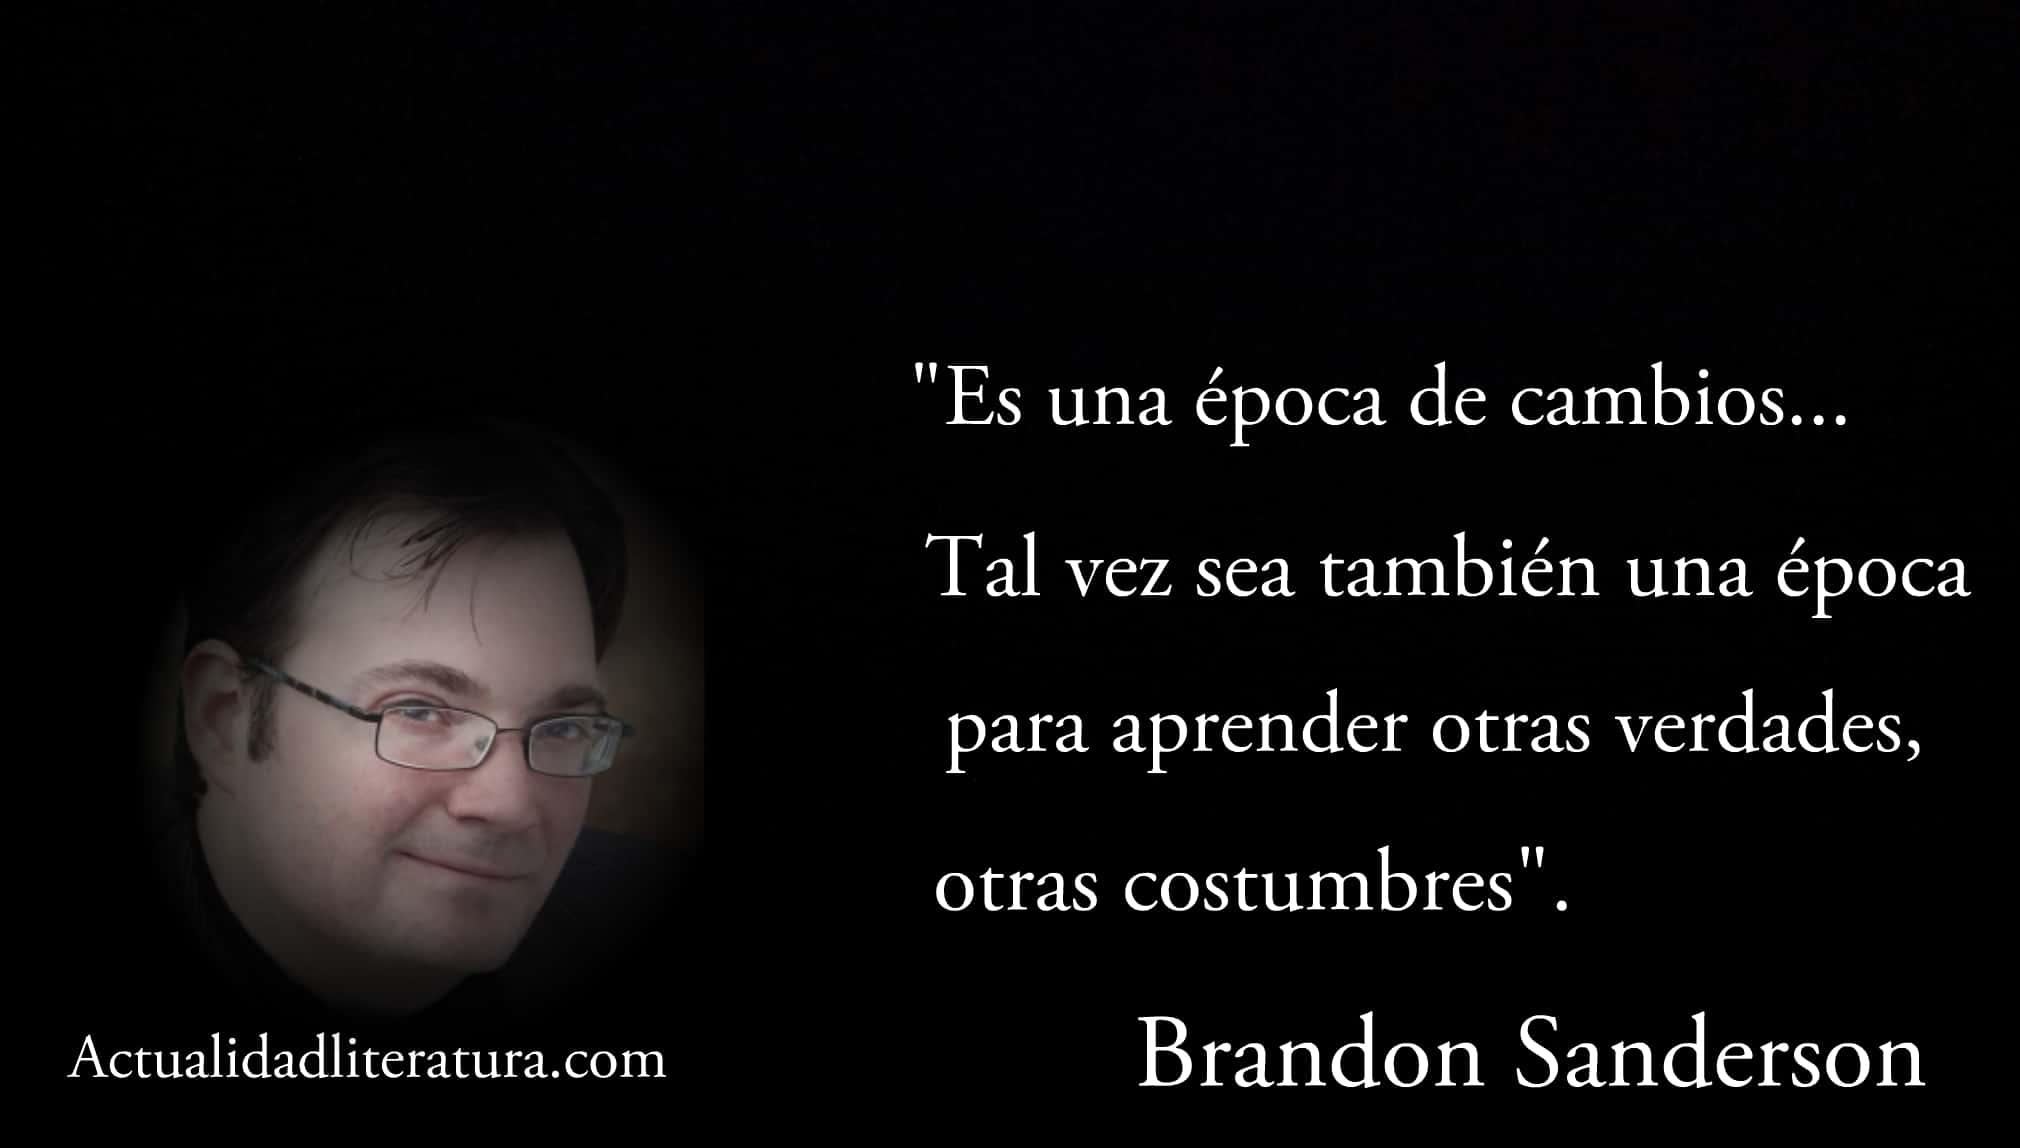 Frase de Brandon Sanderson.